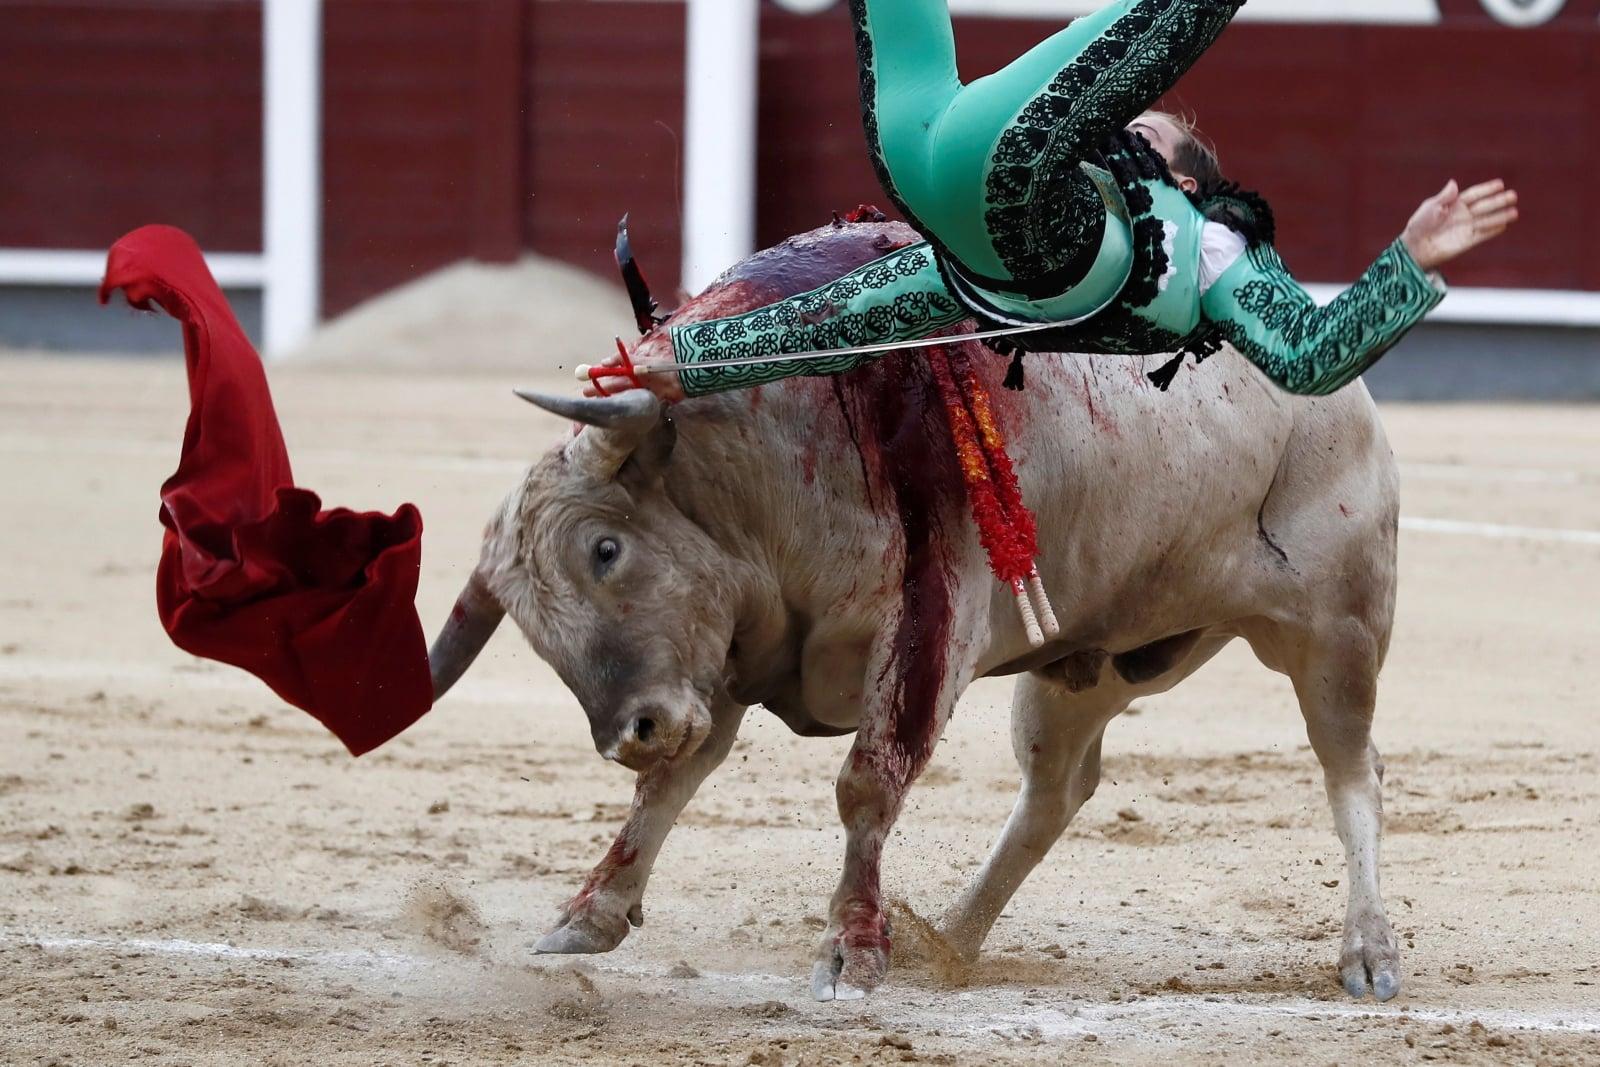 Hiszpański torreador Javier Cortes walczy z bykiem, Madryt, Hiszpania.